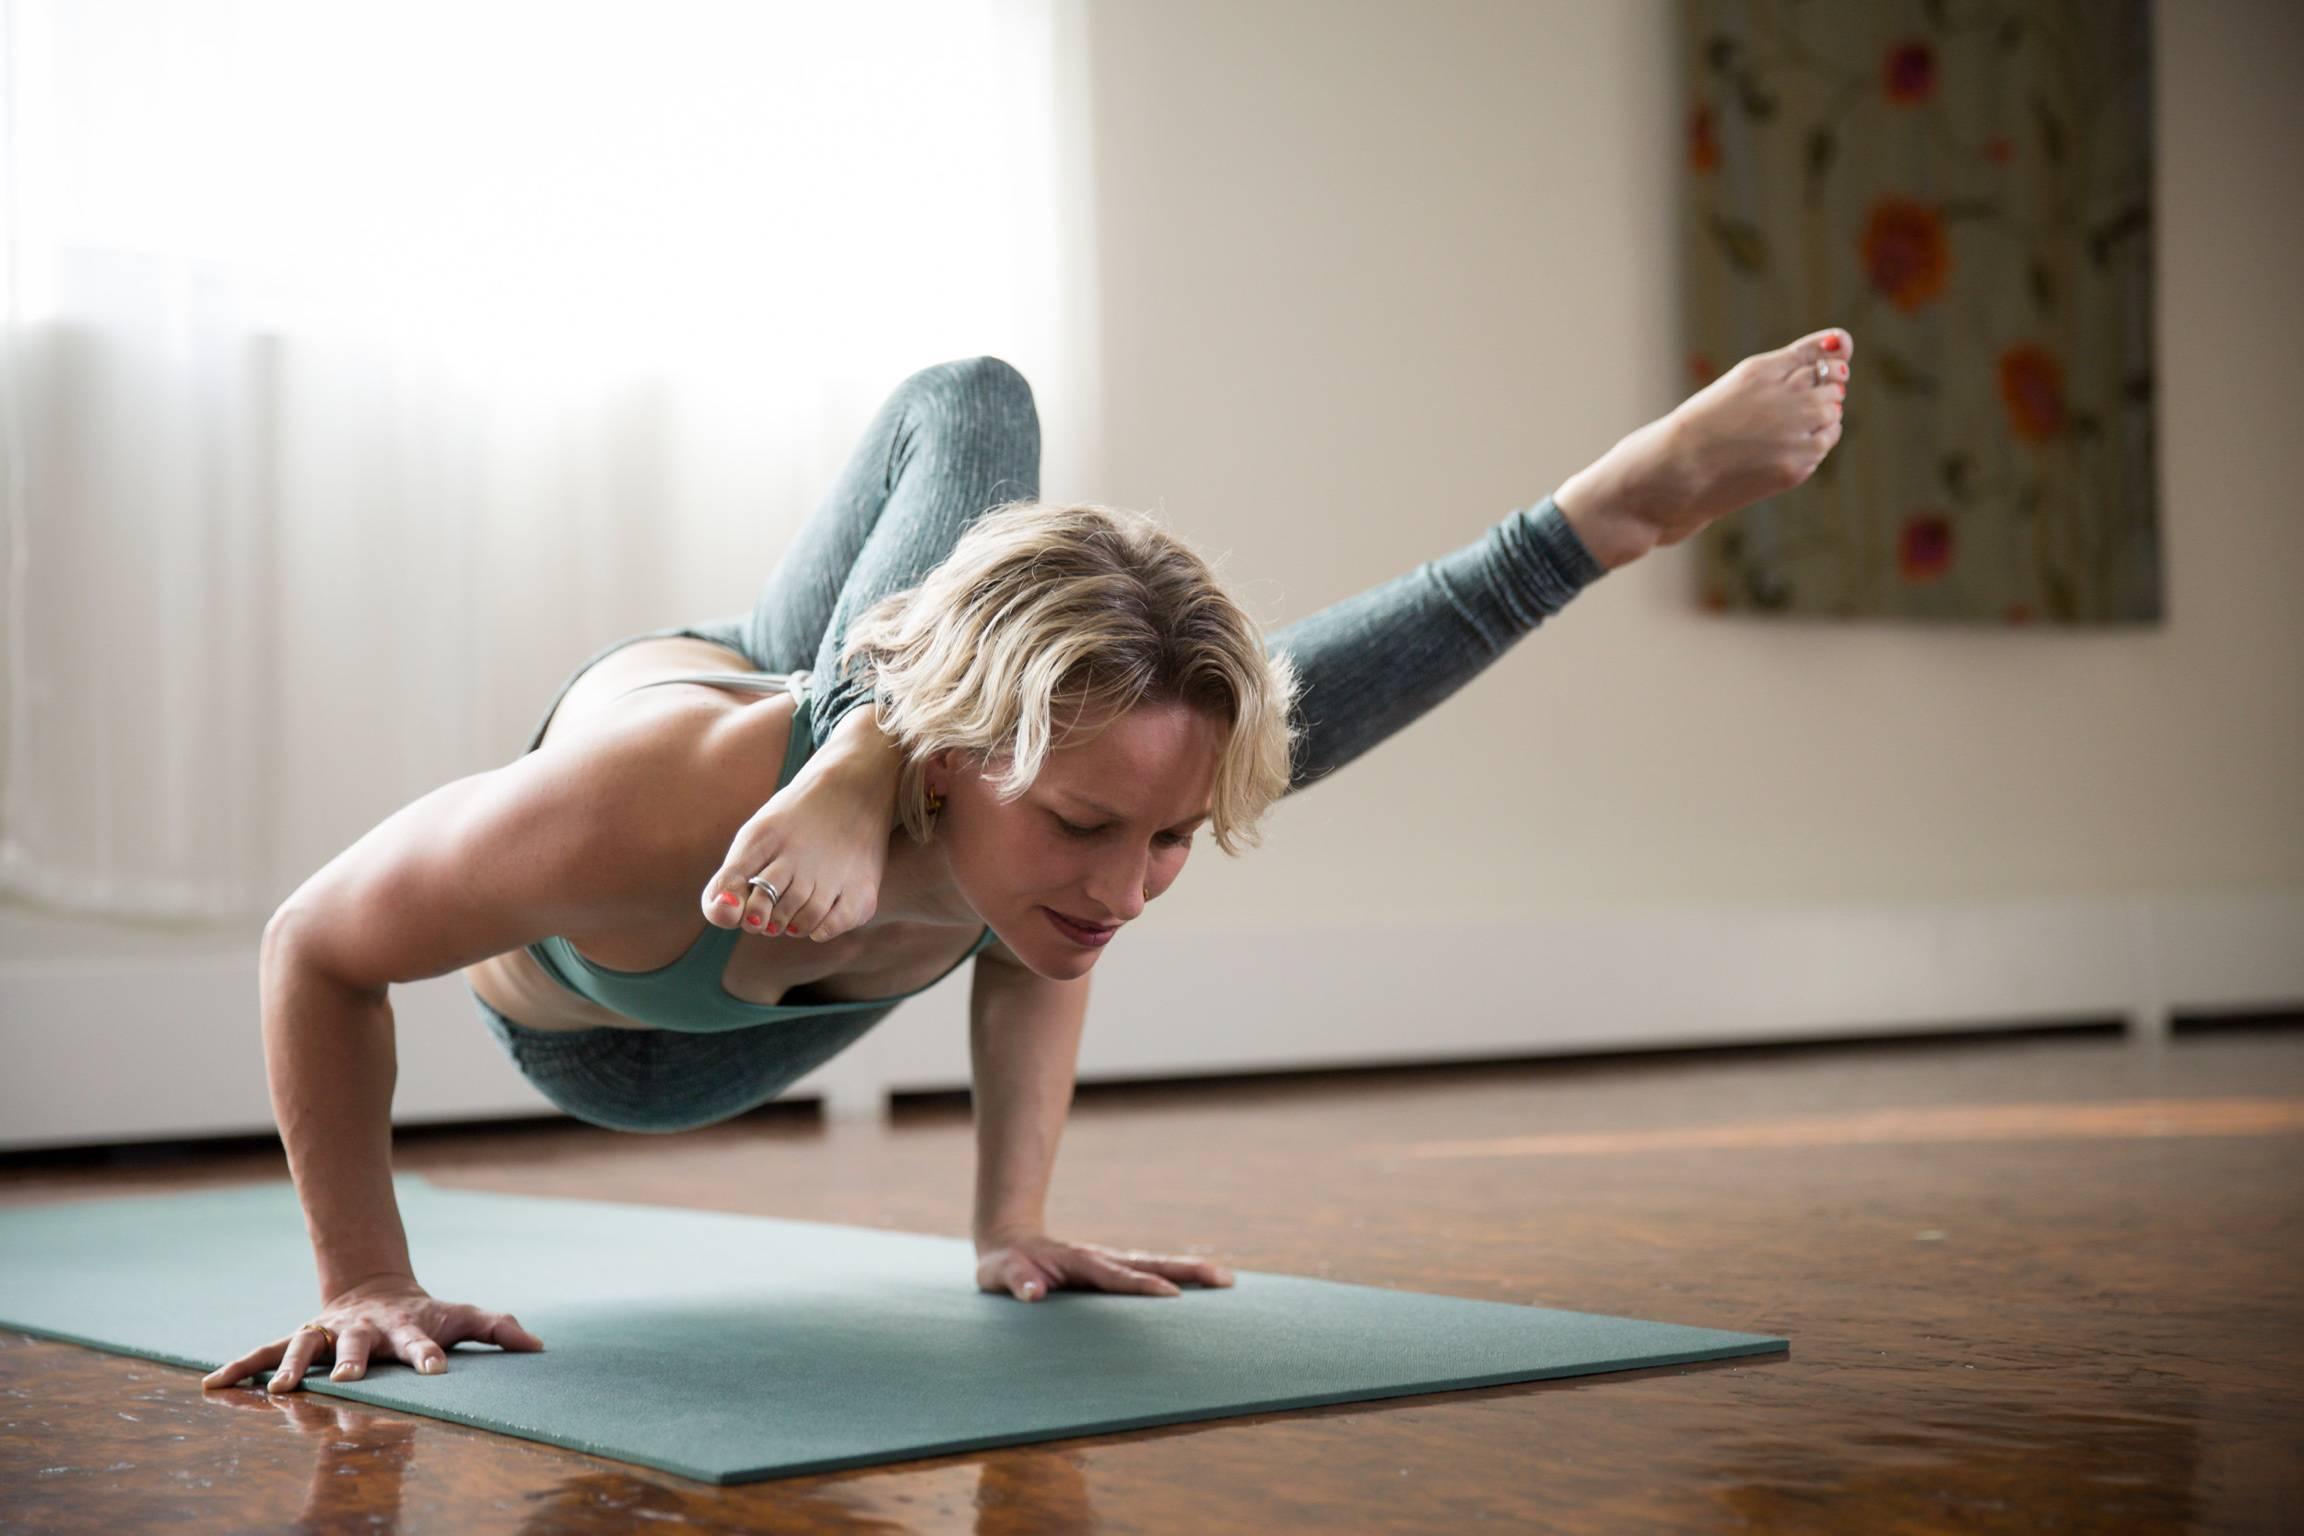 Йога для начинающих в домашних условиях — топ-10 лучших видео уроков на все случаи жизни